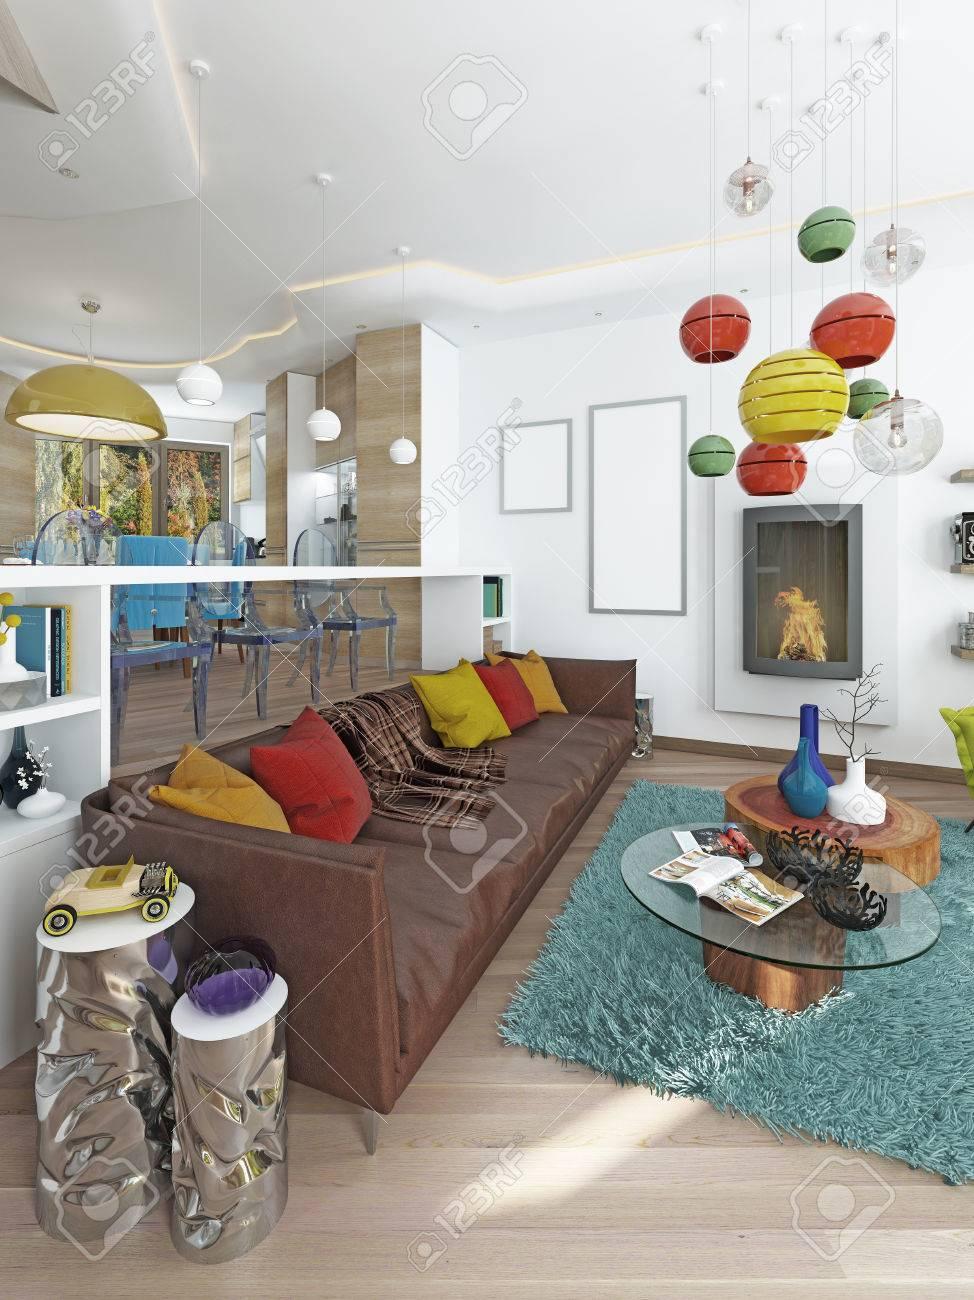 Luxus Großes Wohnzimmer Im Stil Des Kitsches. Moderne Wohnzimmer Mit Großen  Leder, Braun Sofa